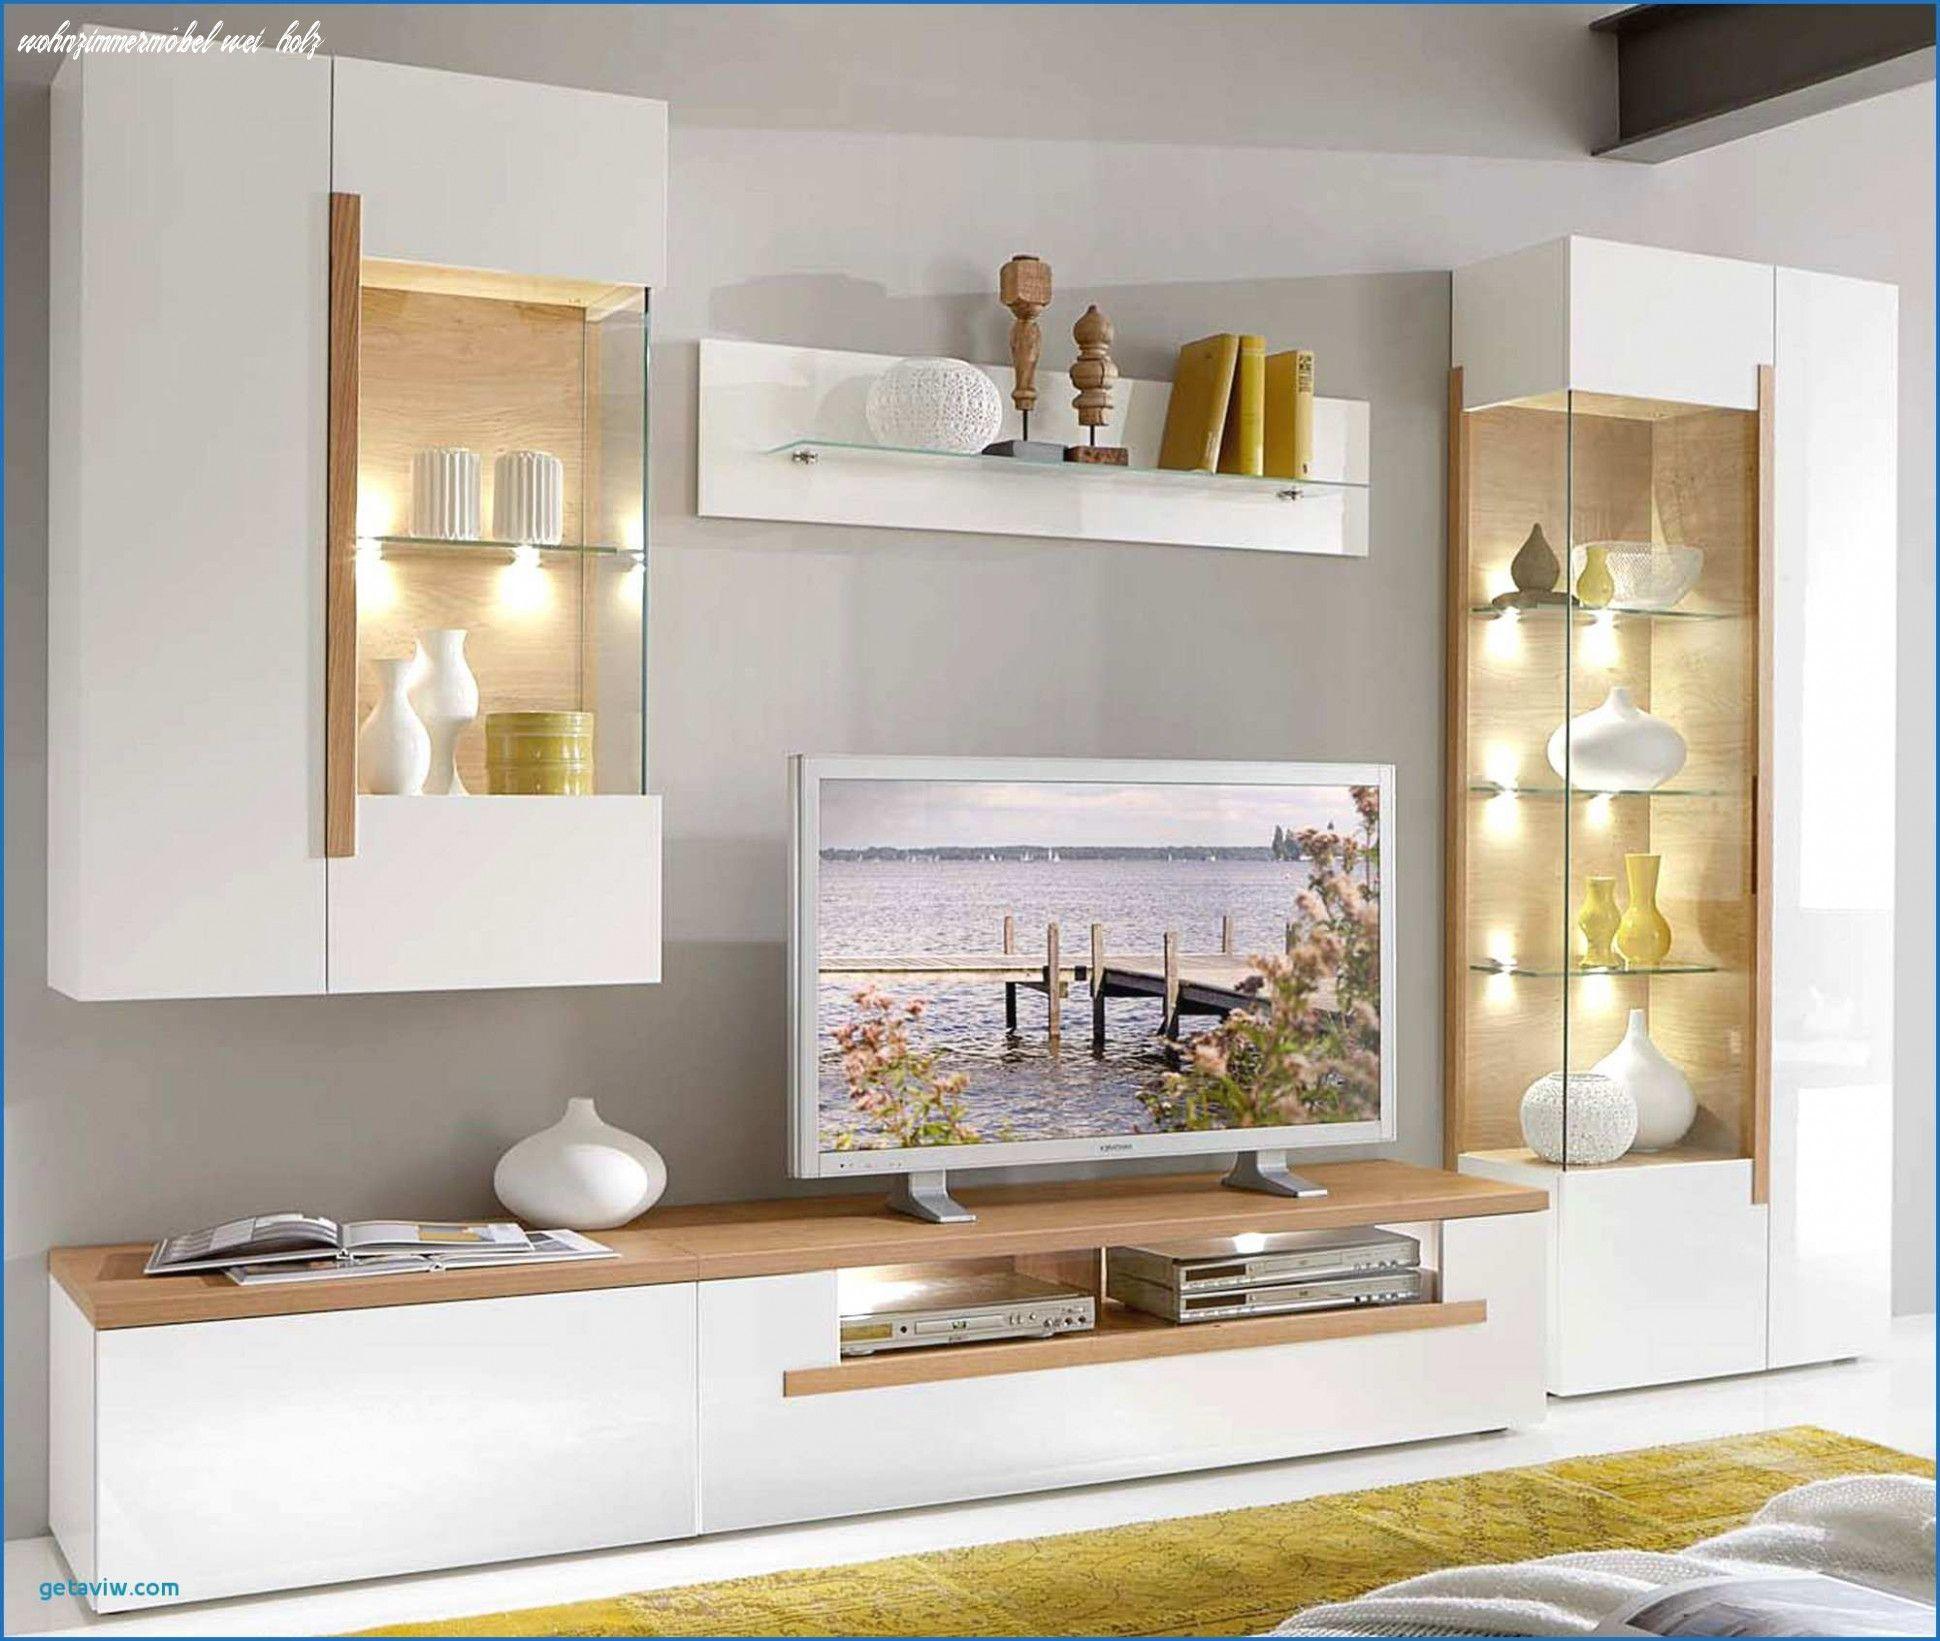 6 Unerwartete Wege Wohnzimmermöbel Weiß Holz Kann Ihr Leben